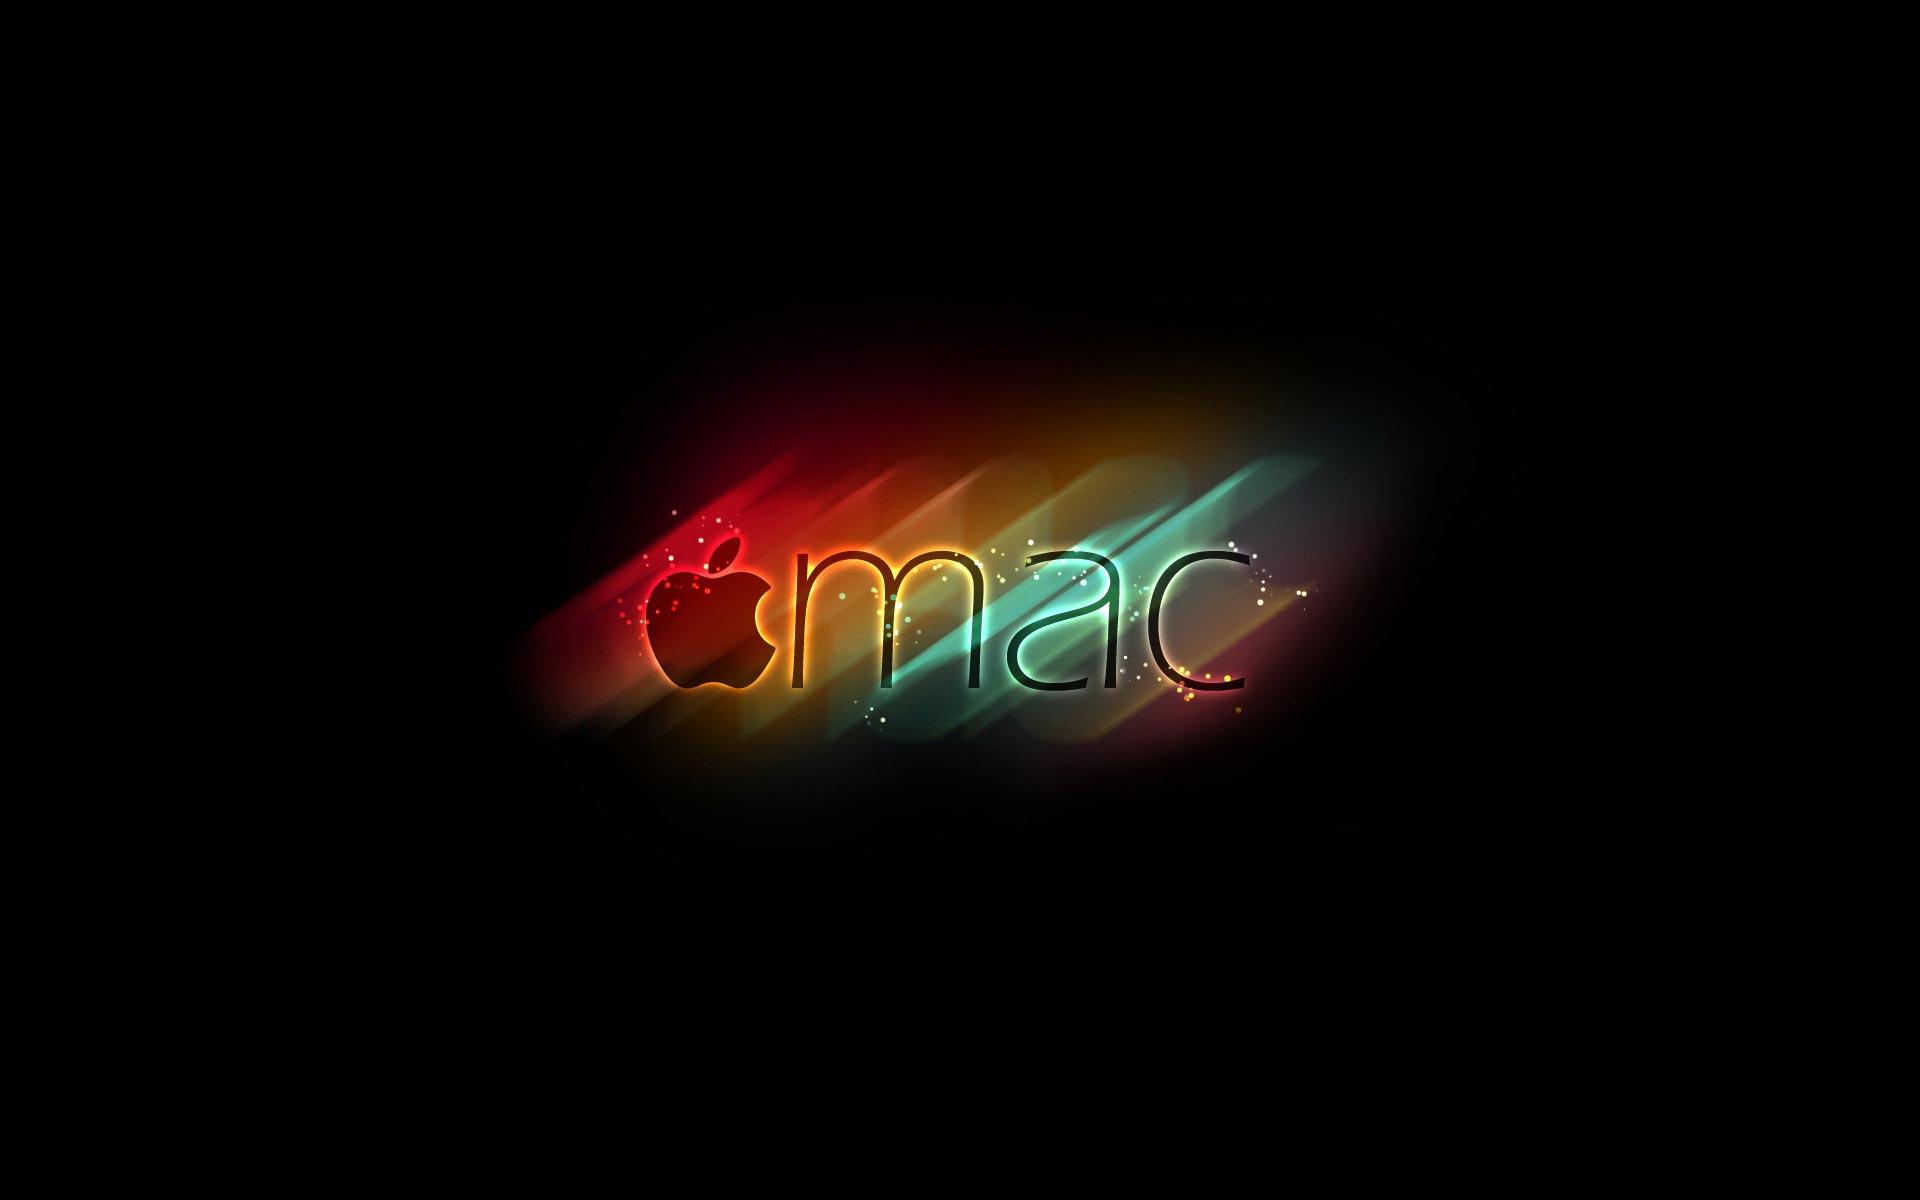 Wallpaper Macbook Pro Backgrounds Hd Background Desktop 1920x1200